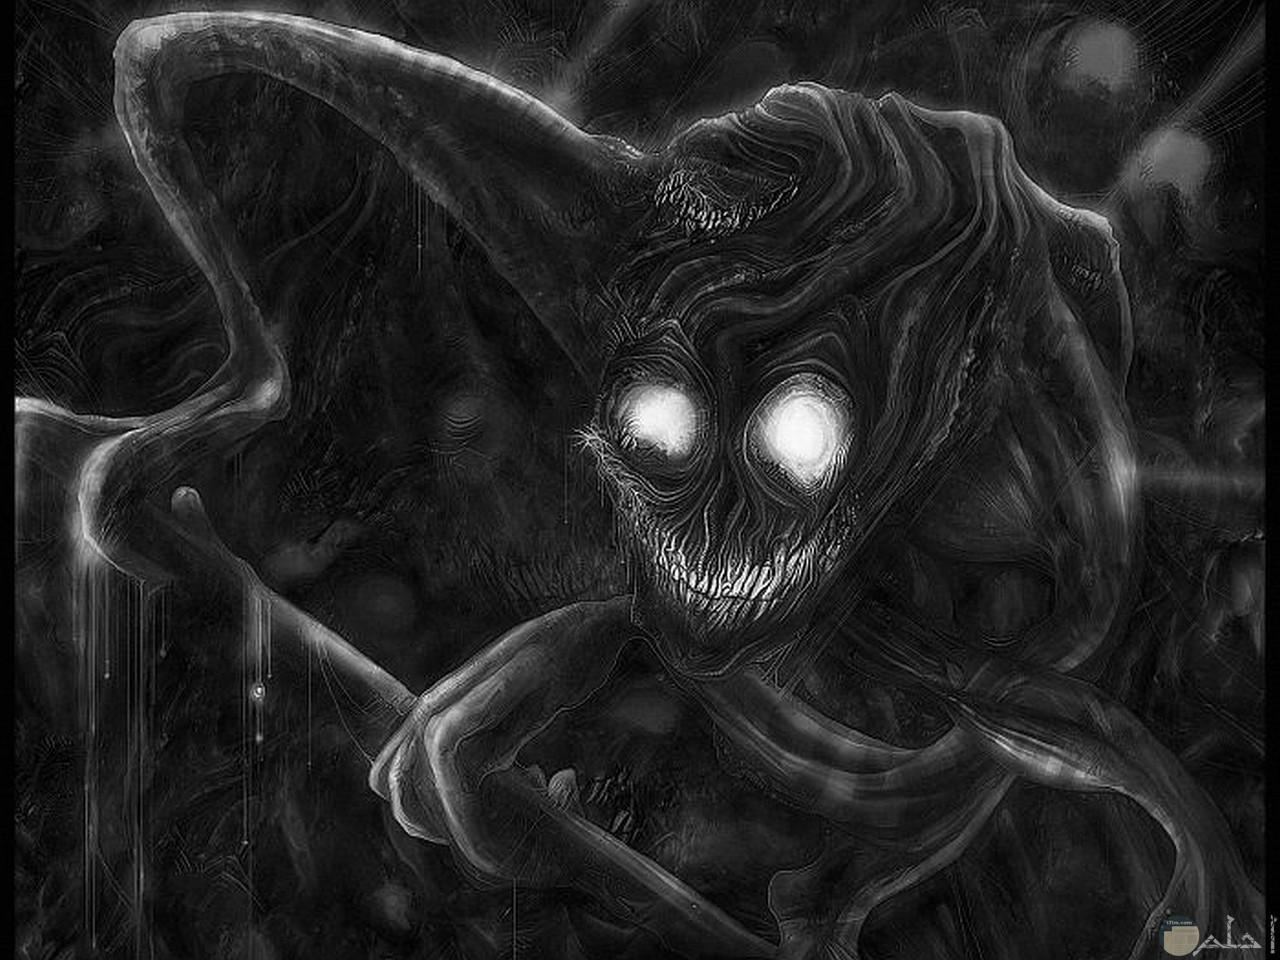 الوحش المرعب.